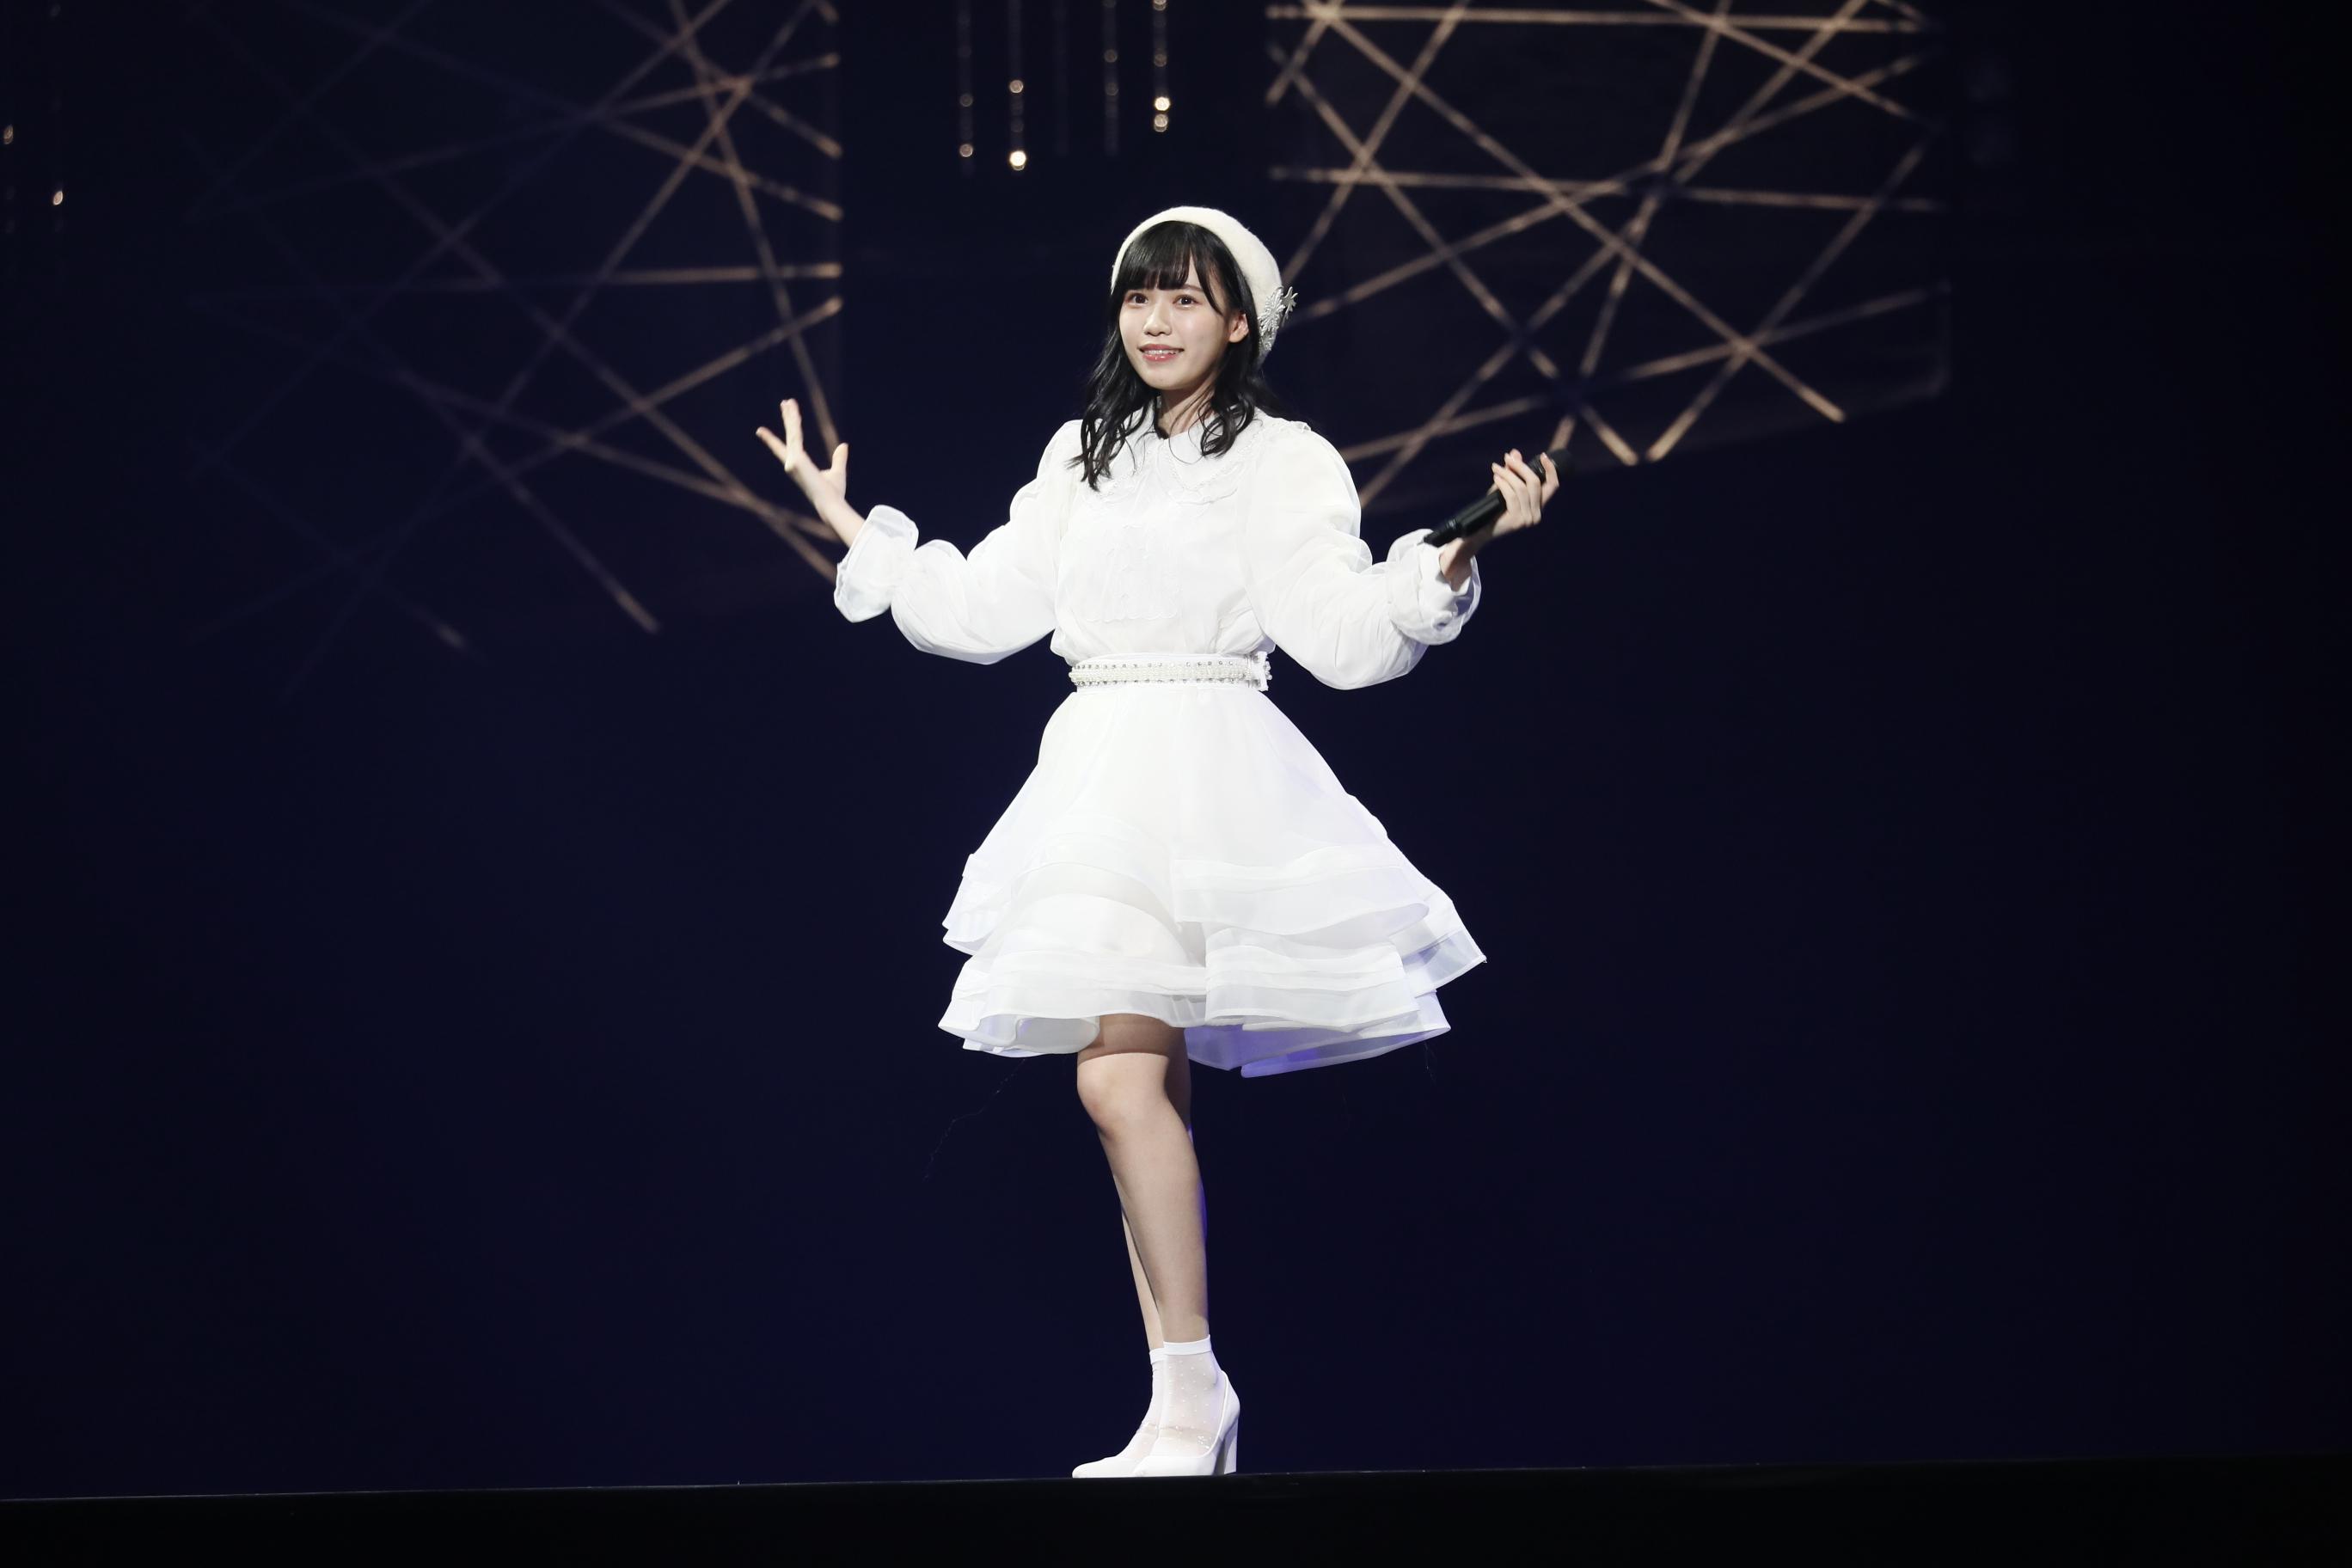 冬のオペラグラス/新田恵利 春組 運上